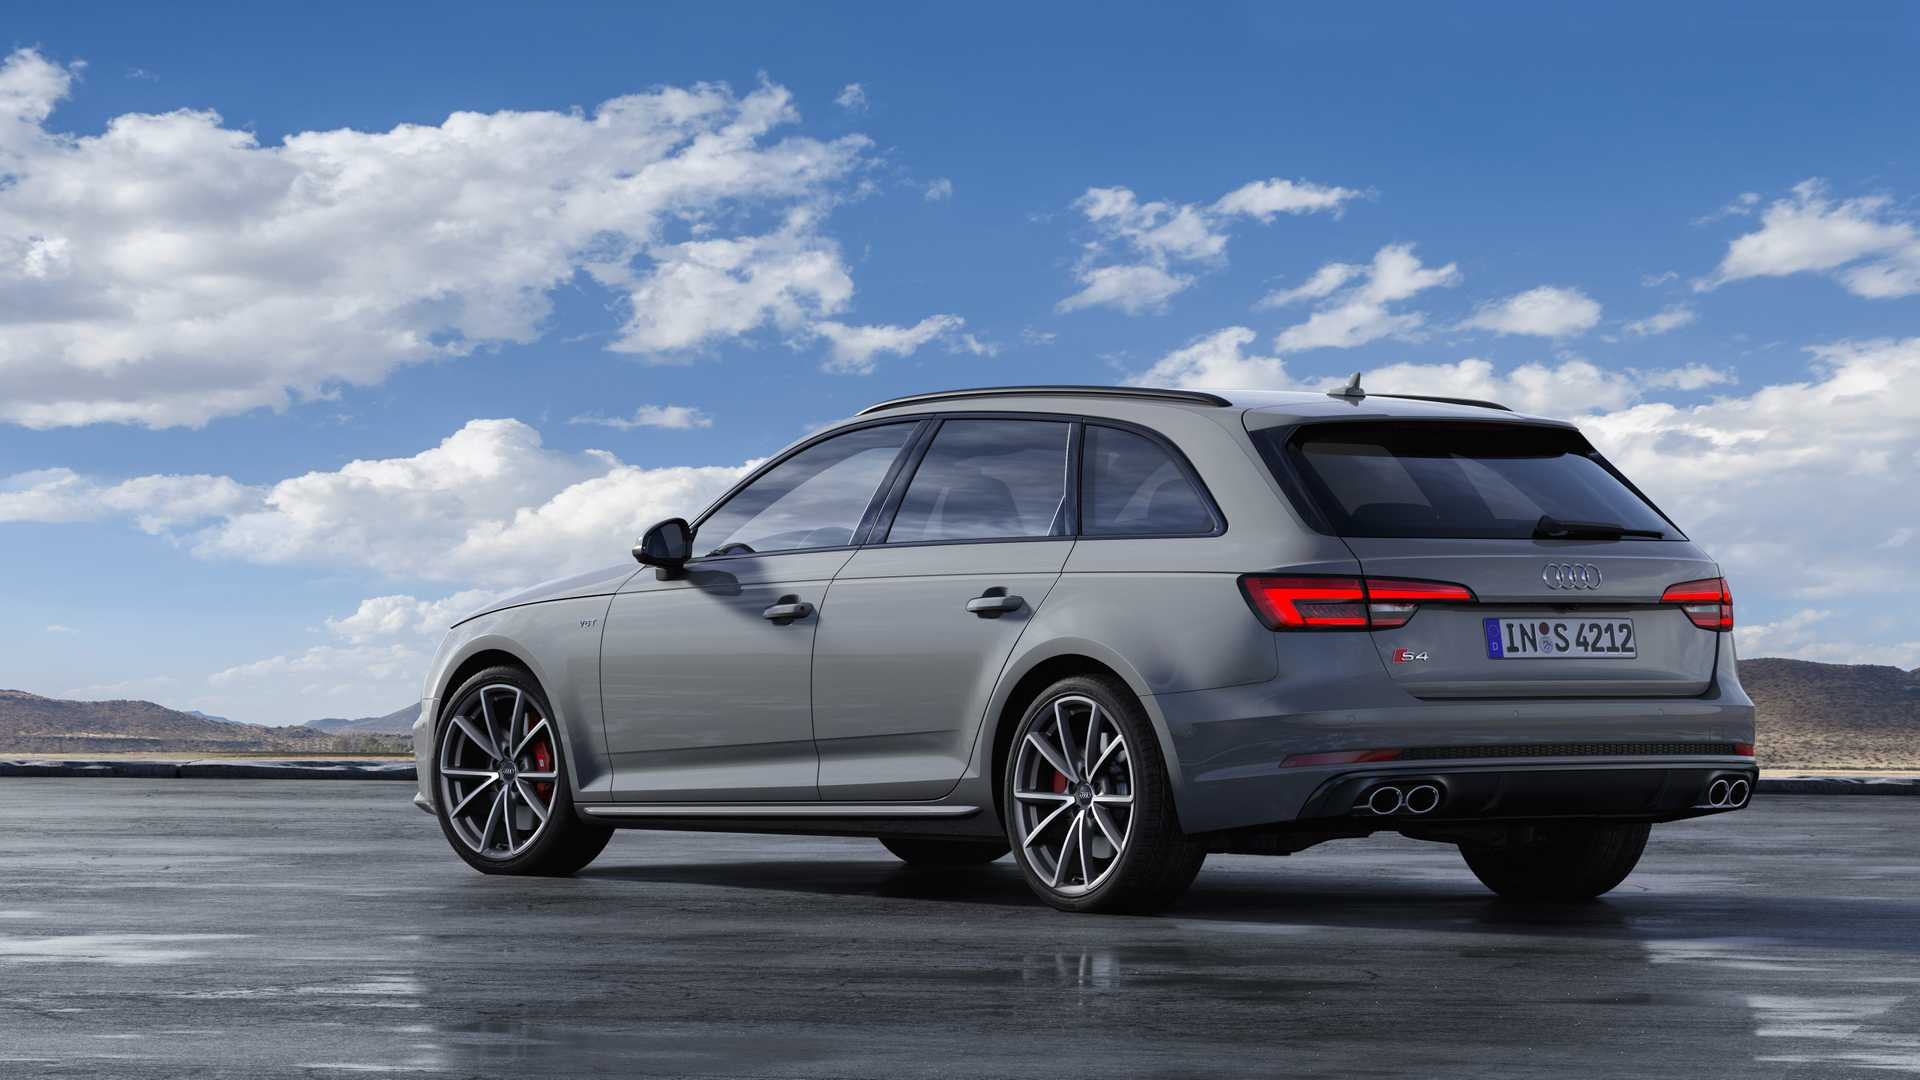 Kelebihan Kekurangan Audi S4 Diesel Review